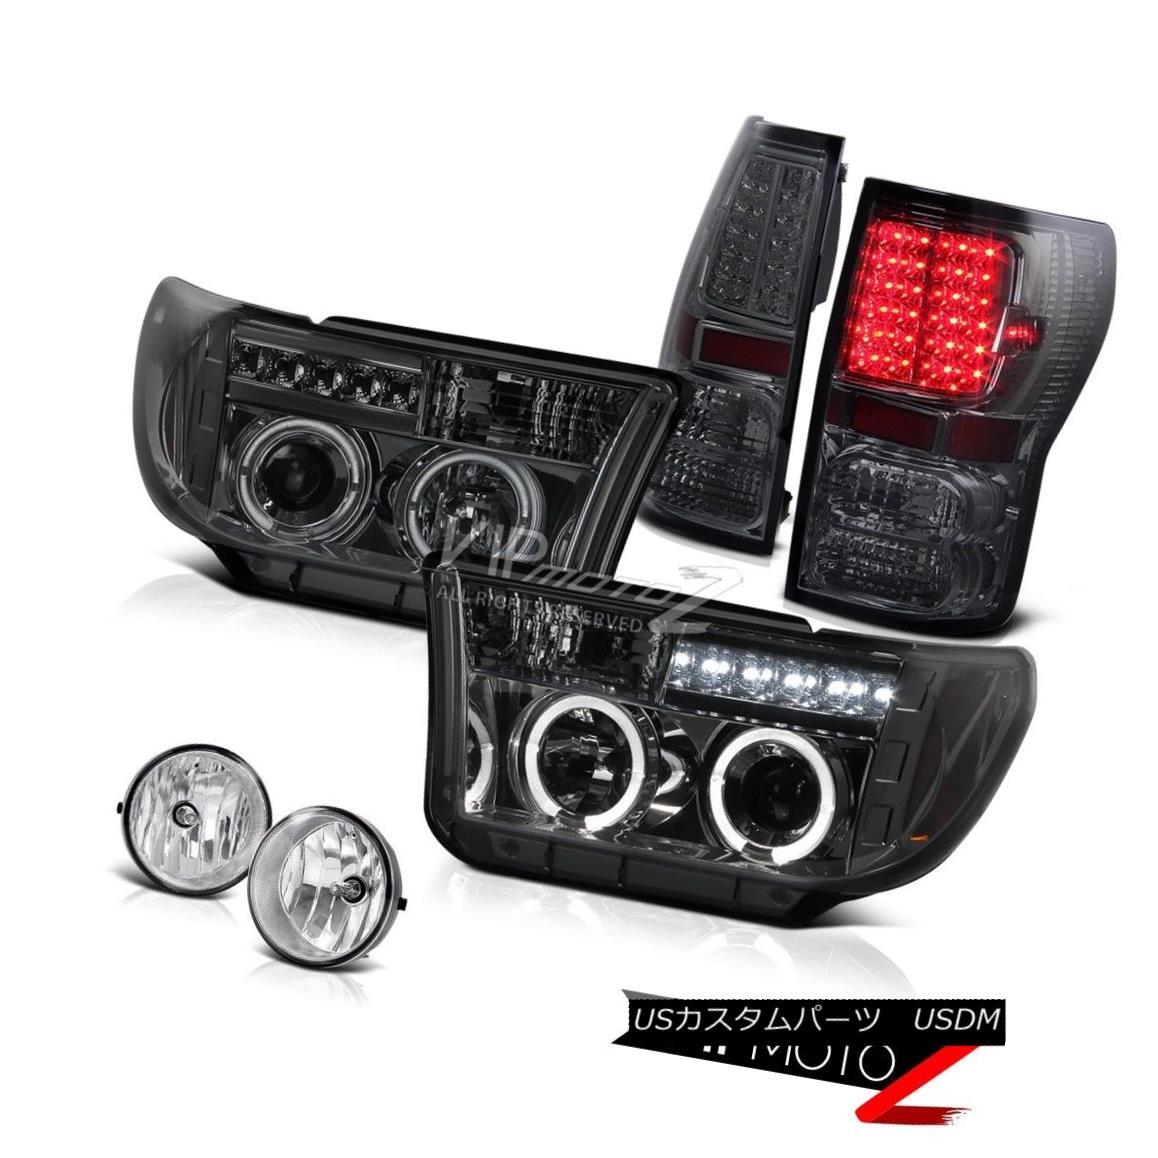 テールライト Halo Projector Smoke Headlight+Led Tail Light+Fog Lamp 07-2013 Toyota Tundra ハロープロジェクタースモークヘッドライト+ Ledテールライト+フォグランプ07-2013 Toyota Tundra